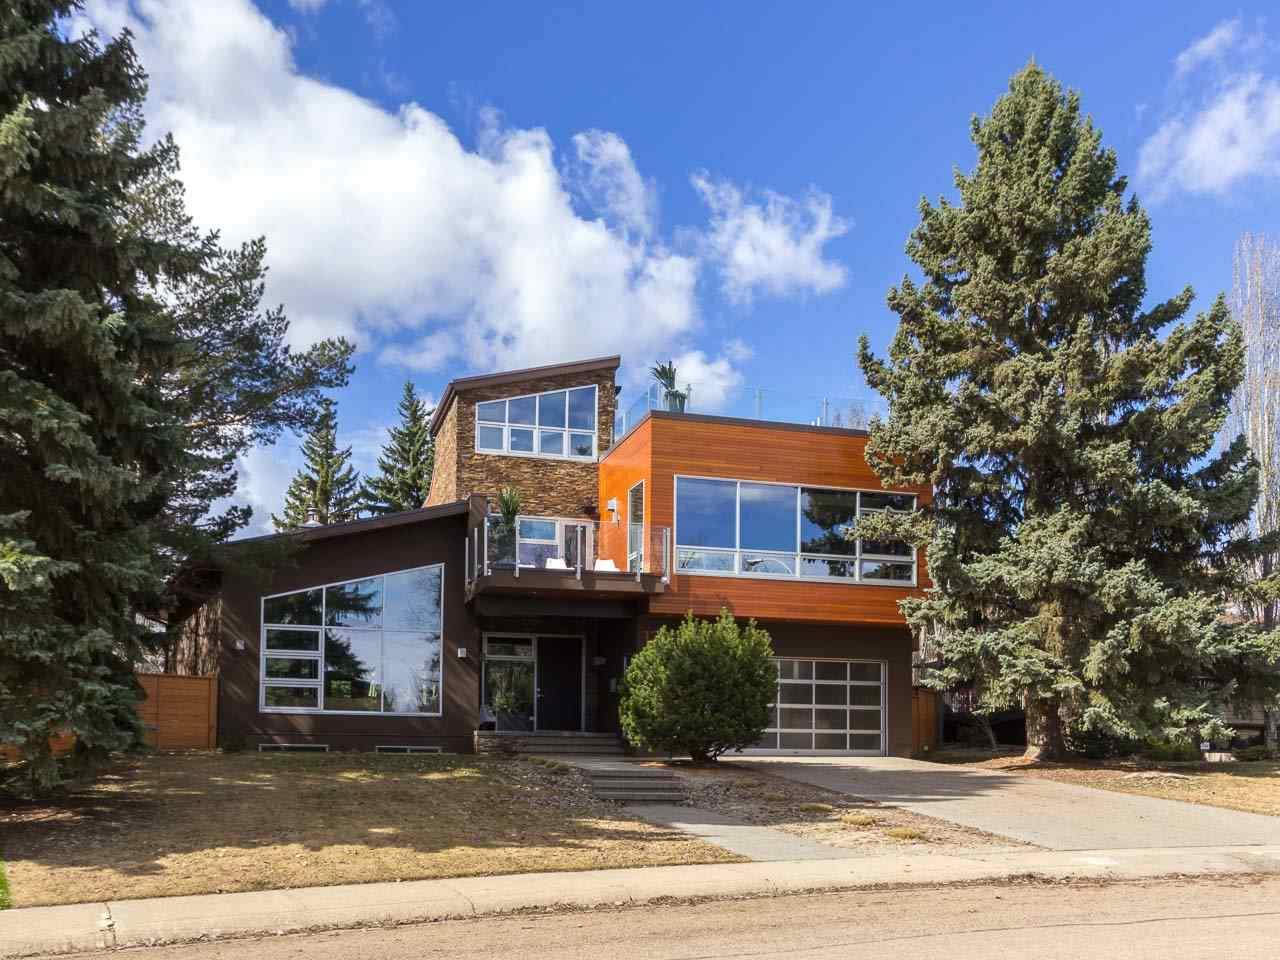 13619 86 Avenue, Edmonton, AB T5R 4A8